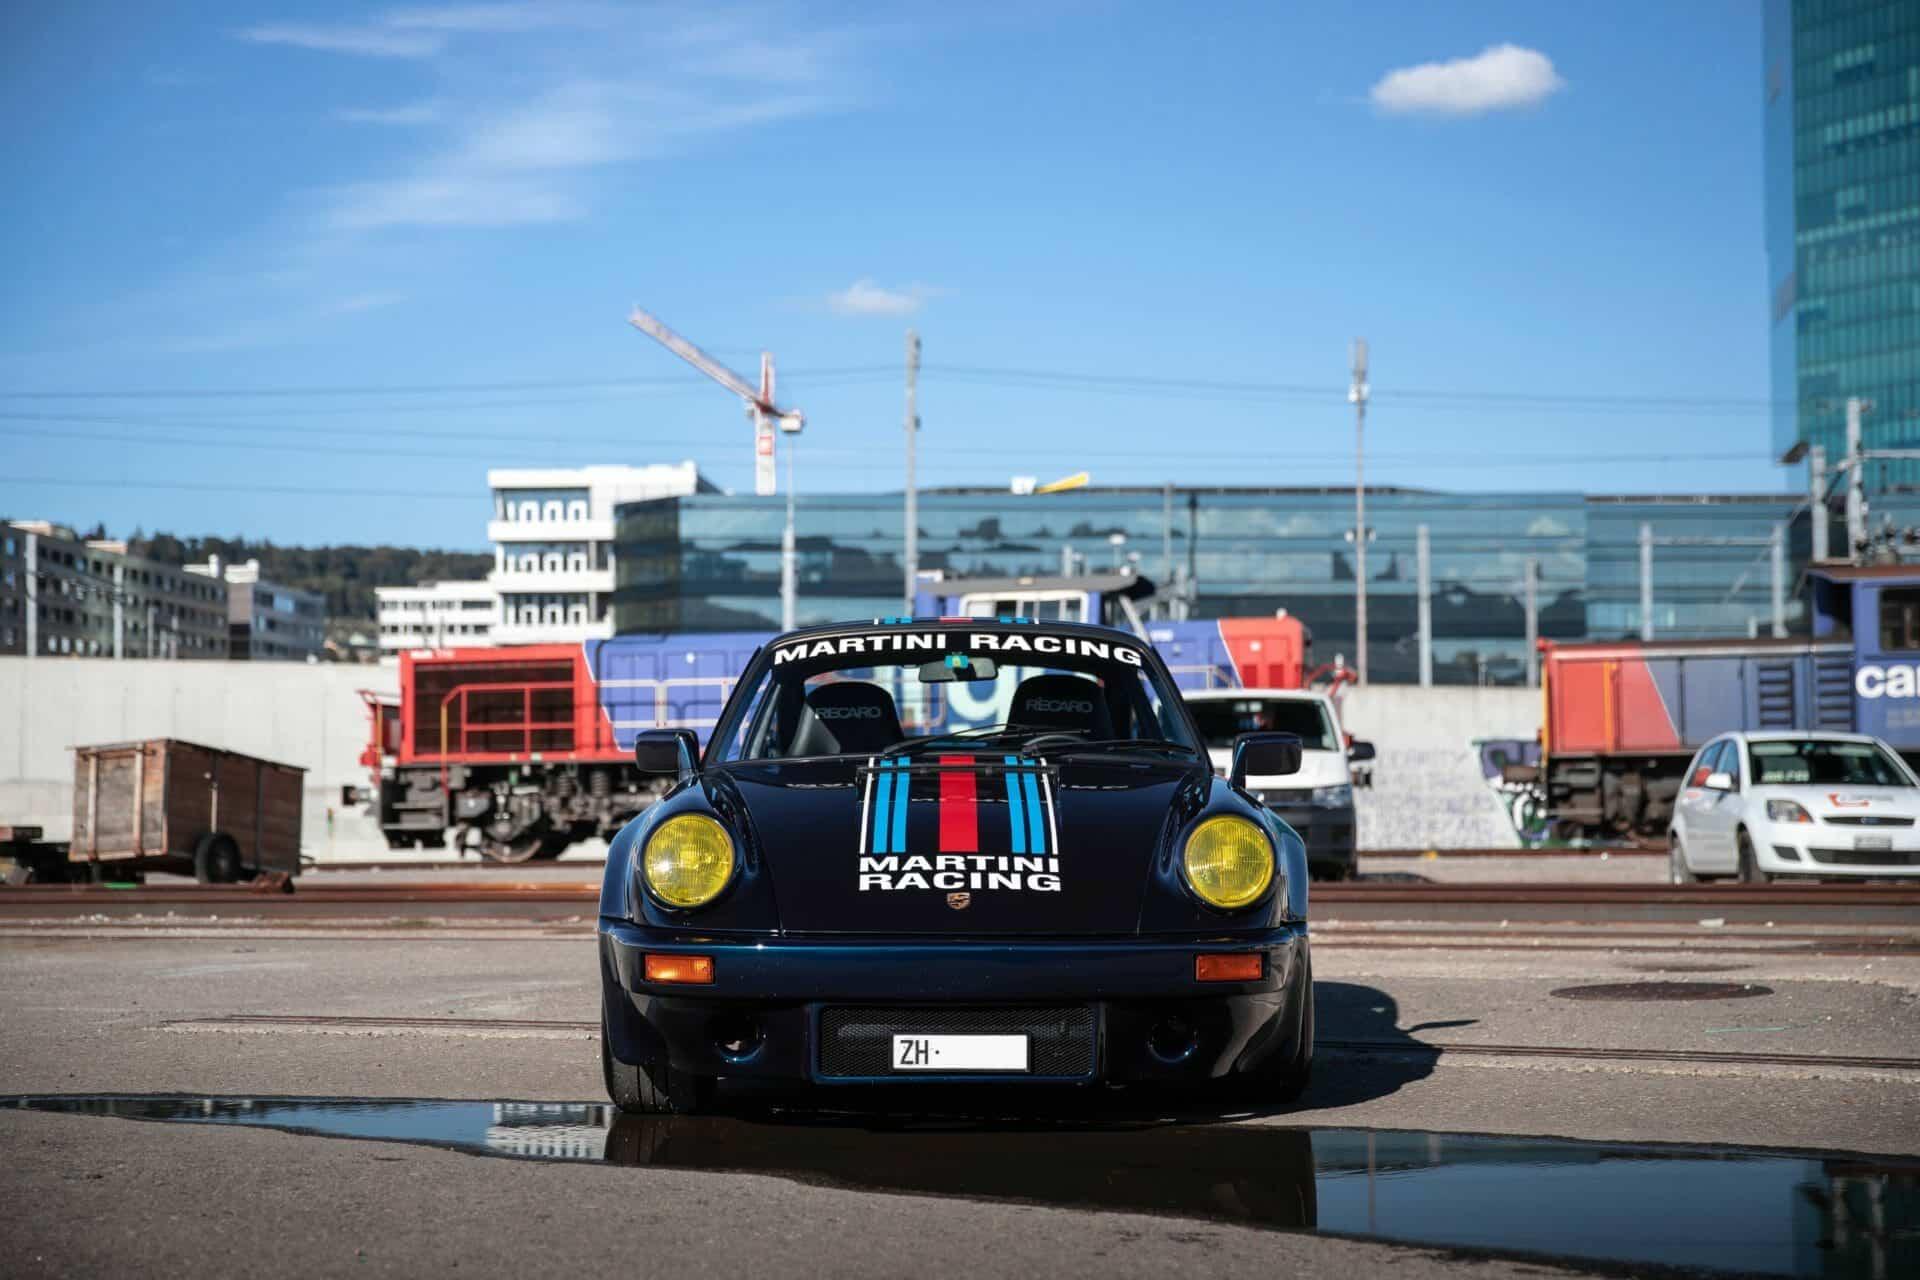 Porsche 911 Martini81 - Picture 11